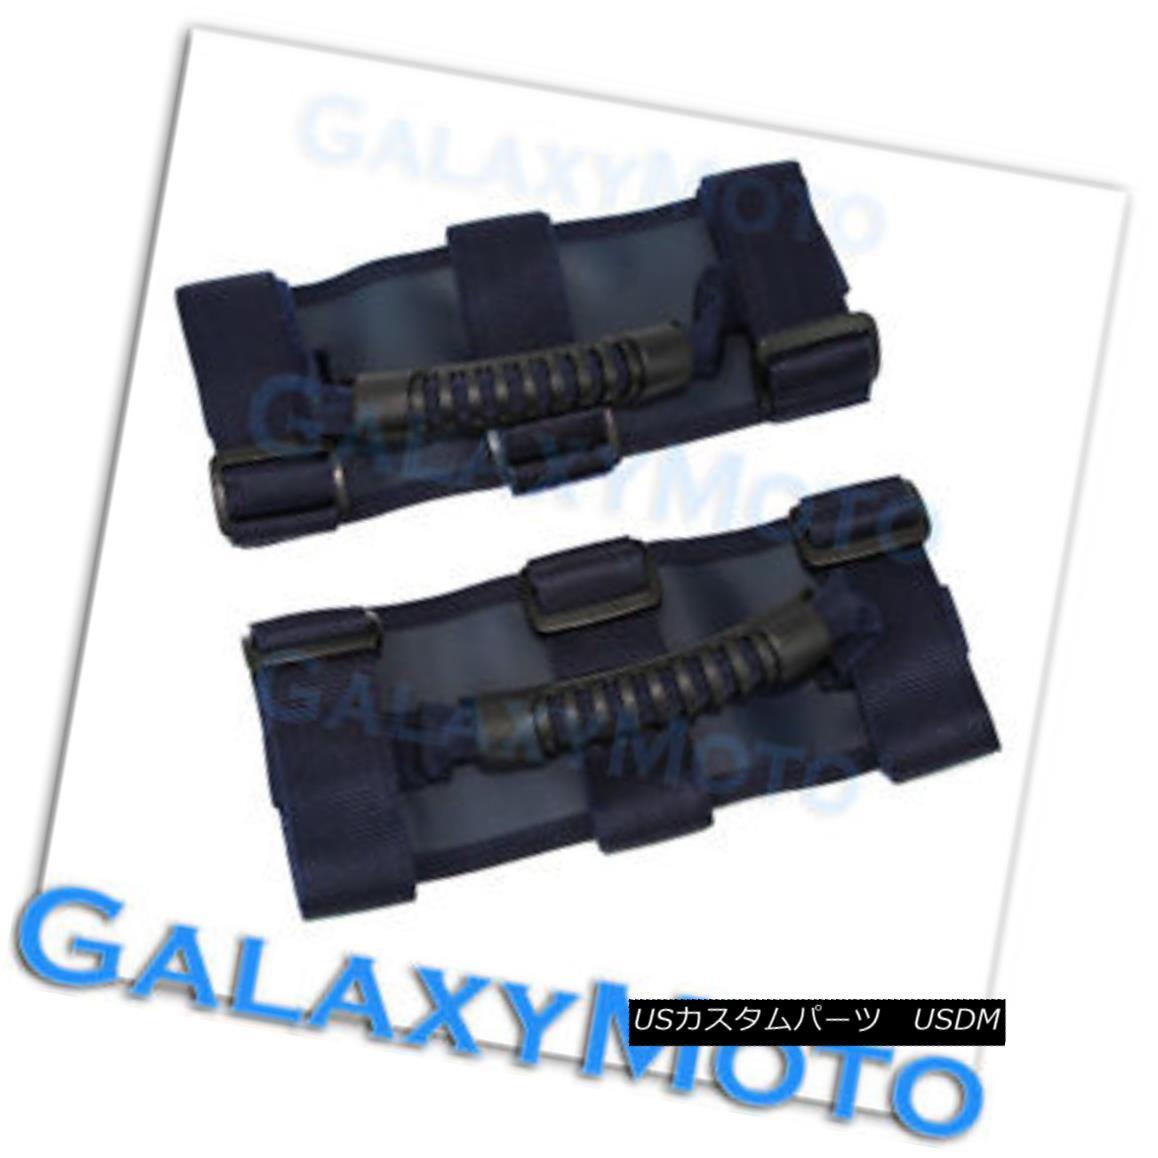 グリル Extreme Sport BLUE Black Rear Bar Grab Handle for 87-16 Jeep Wrangler JK TJ YJ エクストリームスポーツBLUEブラックリアバーグラブハンドル87-16ジープラングラーJK TJ YJ